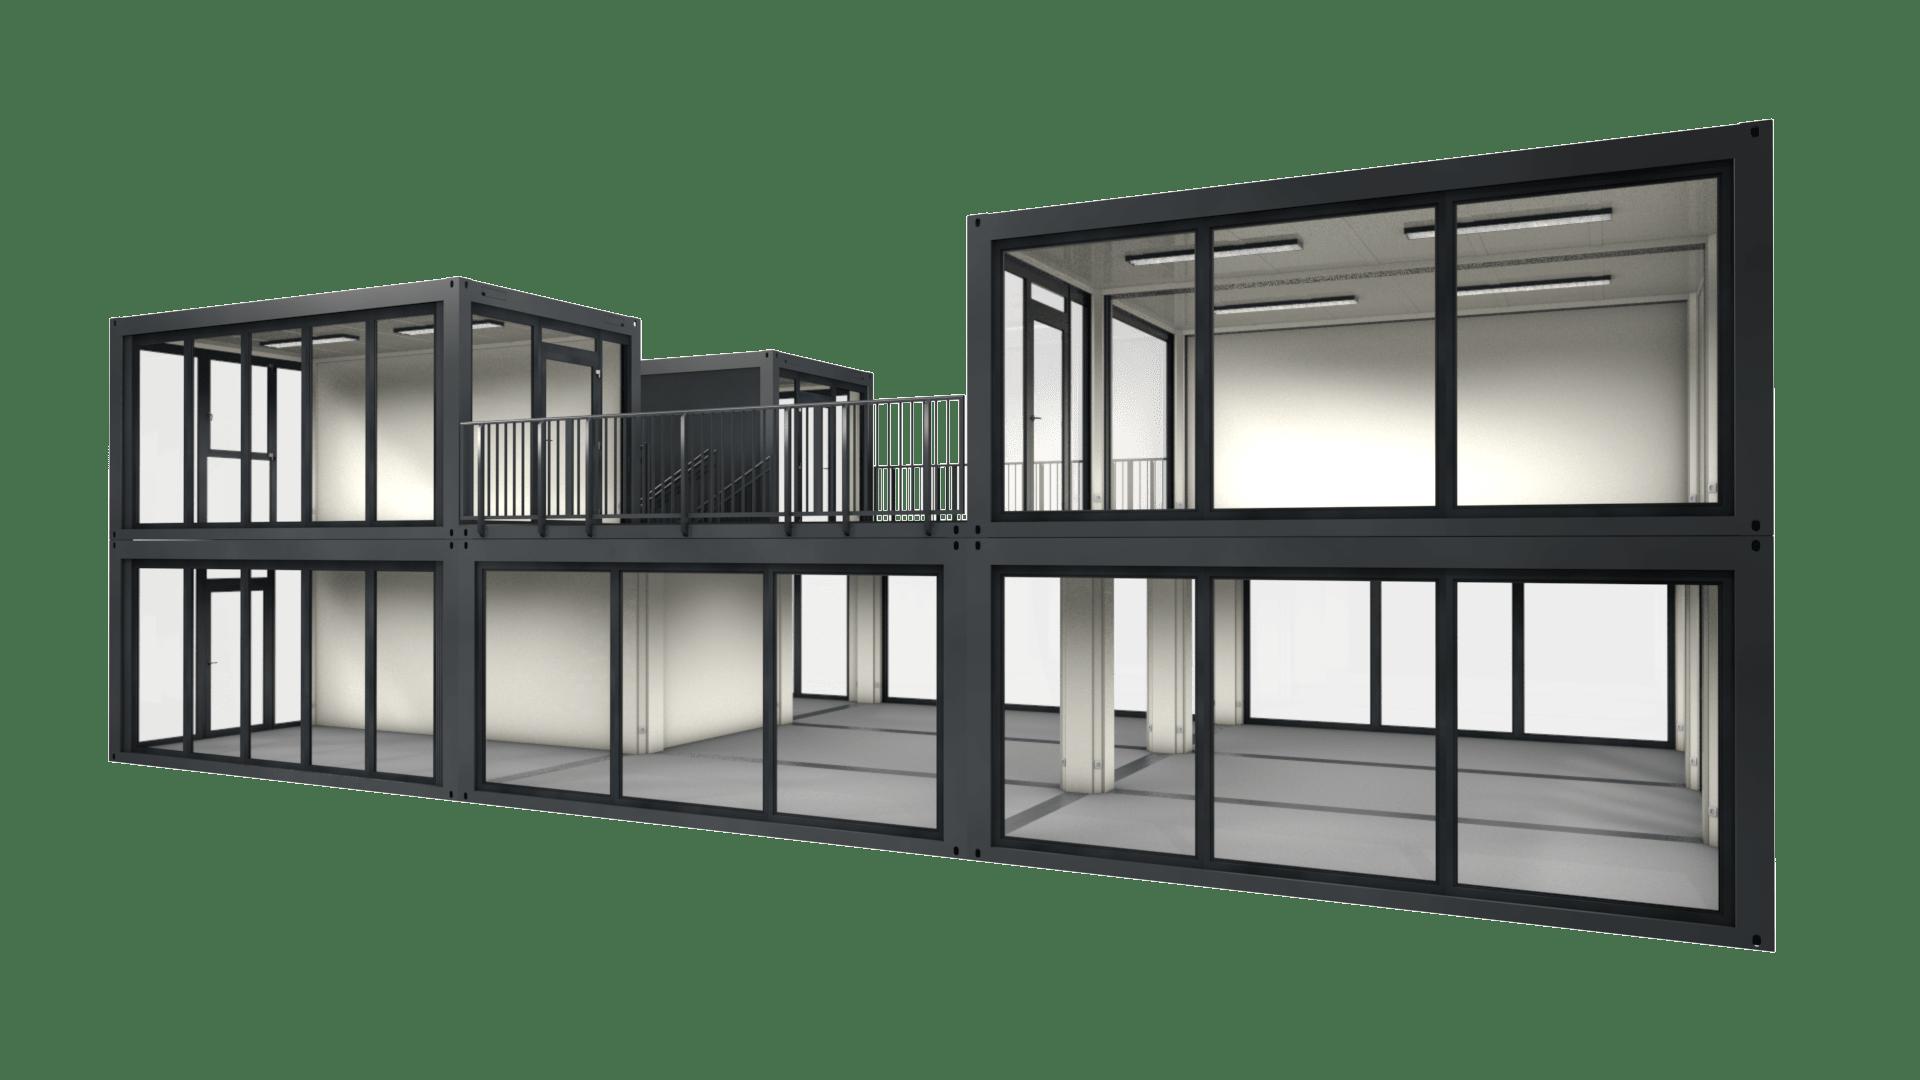 Container Modul M 30 ist eine große, zweigeschossige Containeranlage mit Dachterrasse